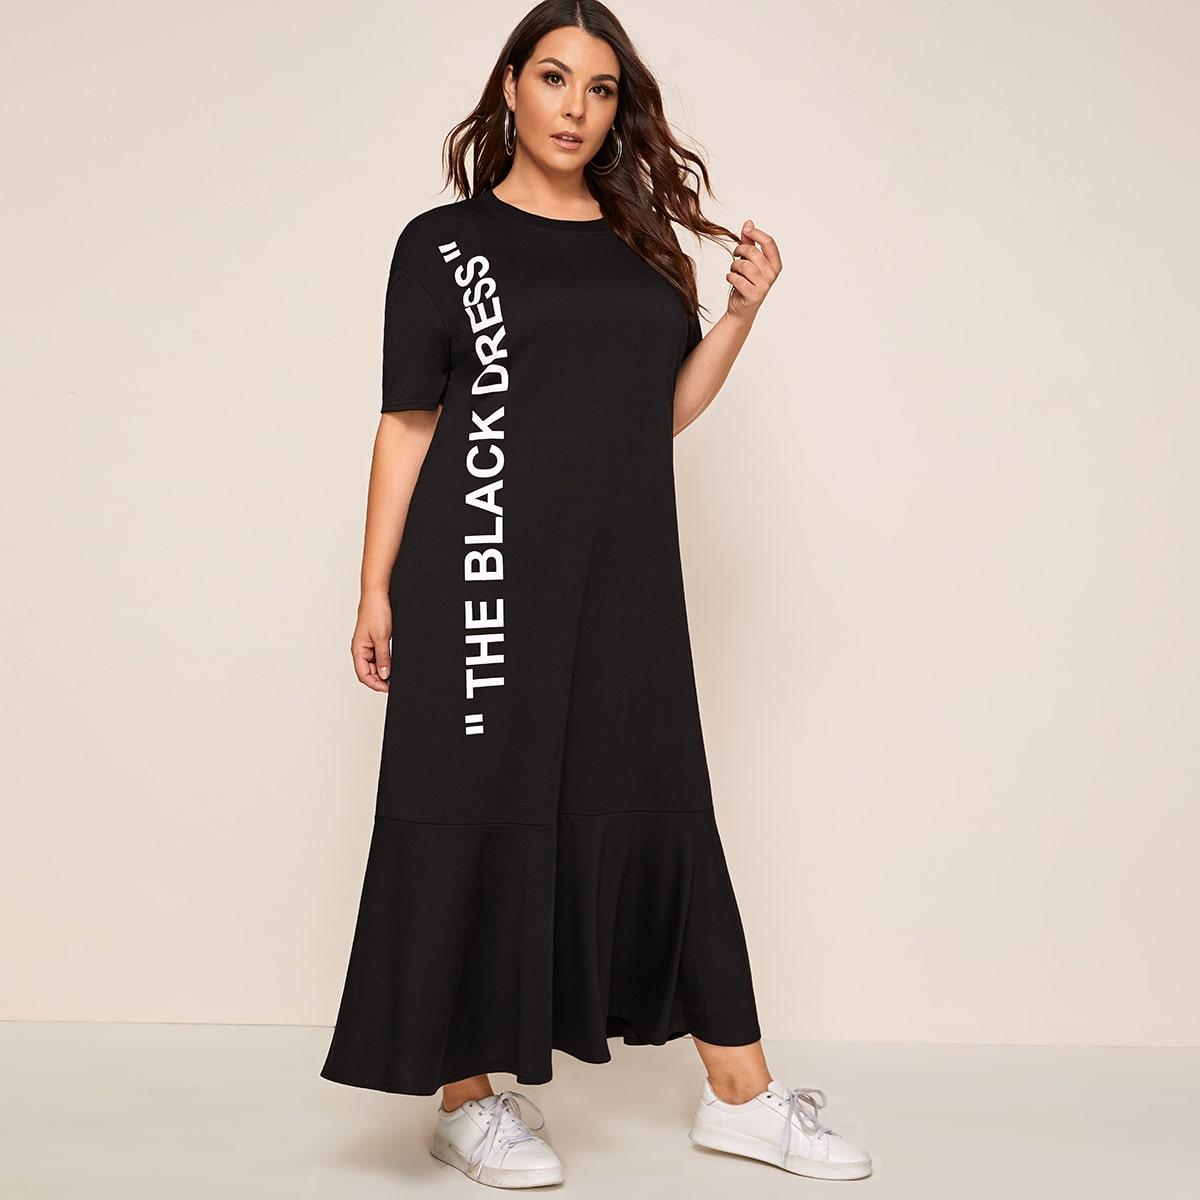 SHEIN / Übergroßes Puppe Kleid mit Buchstaben Grafik